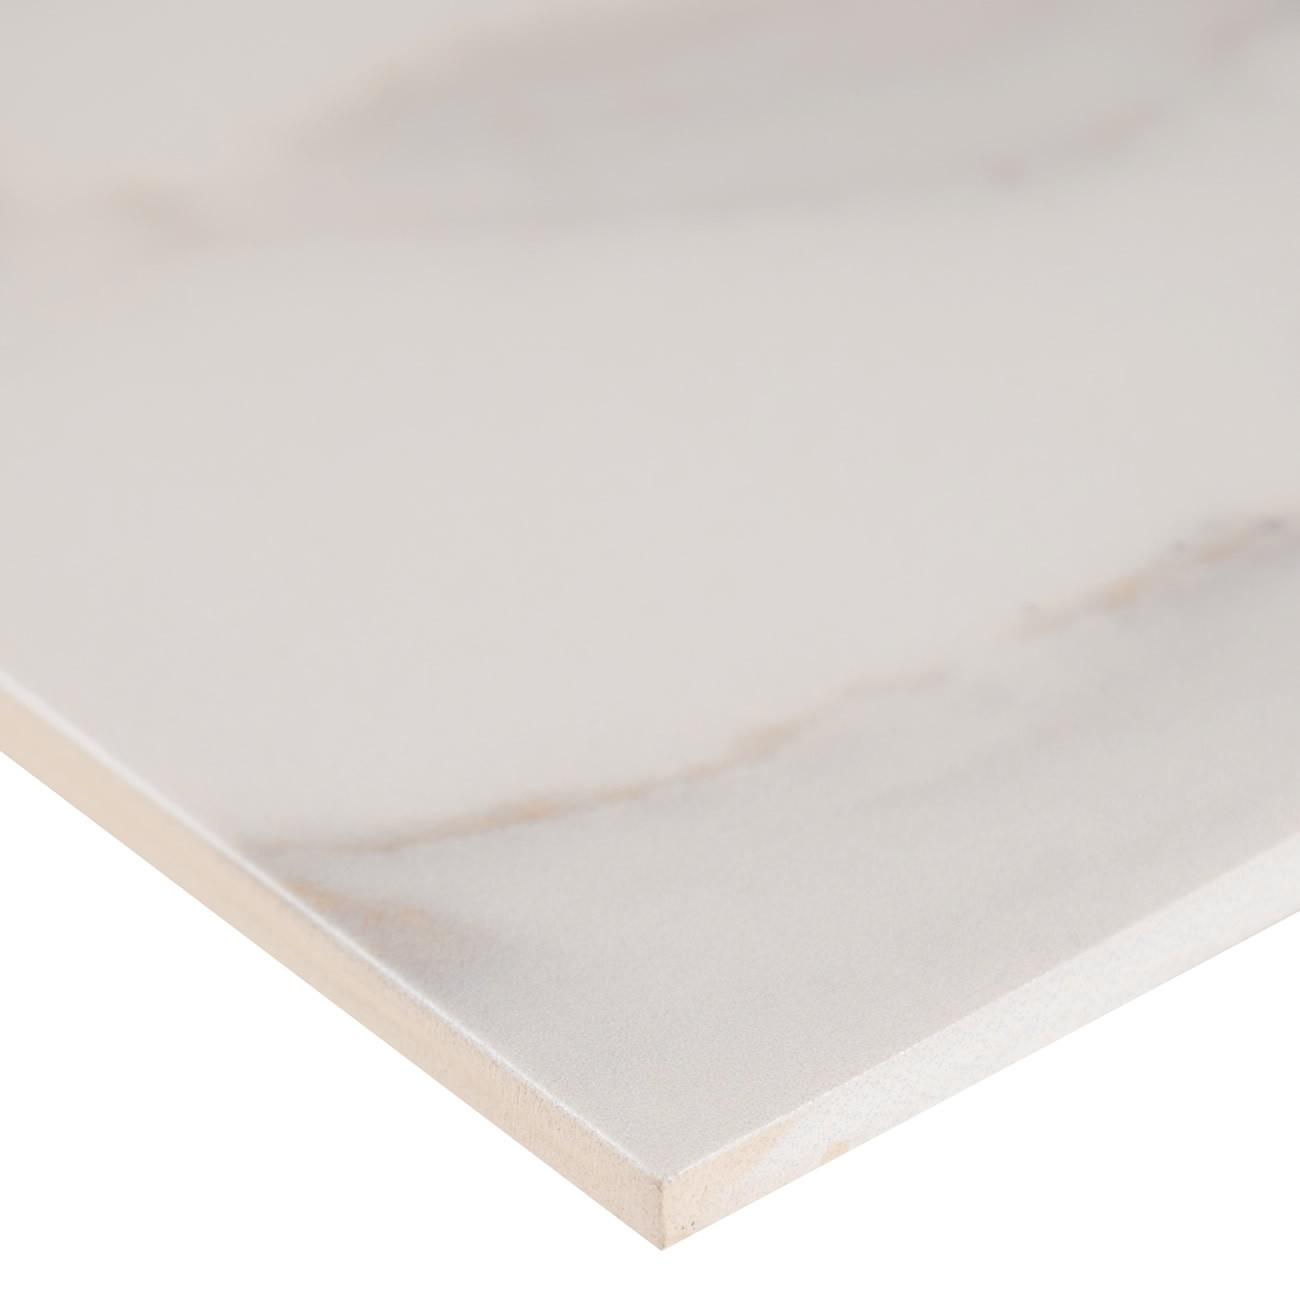 Adella Calacatta 12x24 Satin Upscape Tile